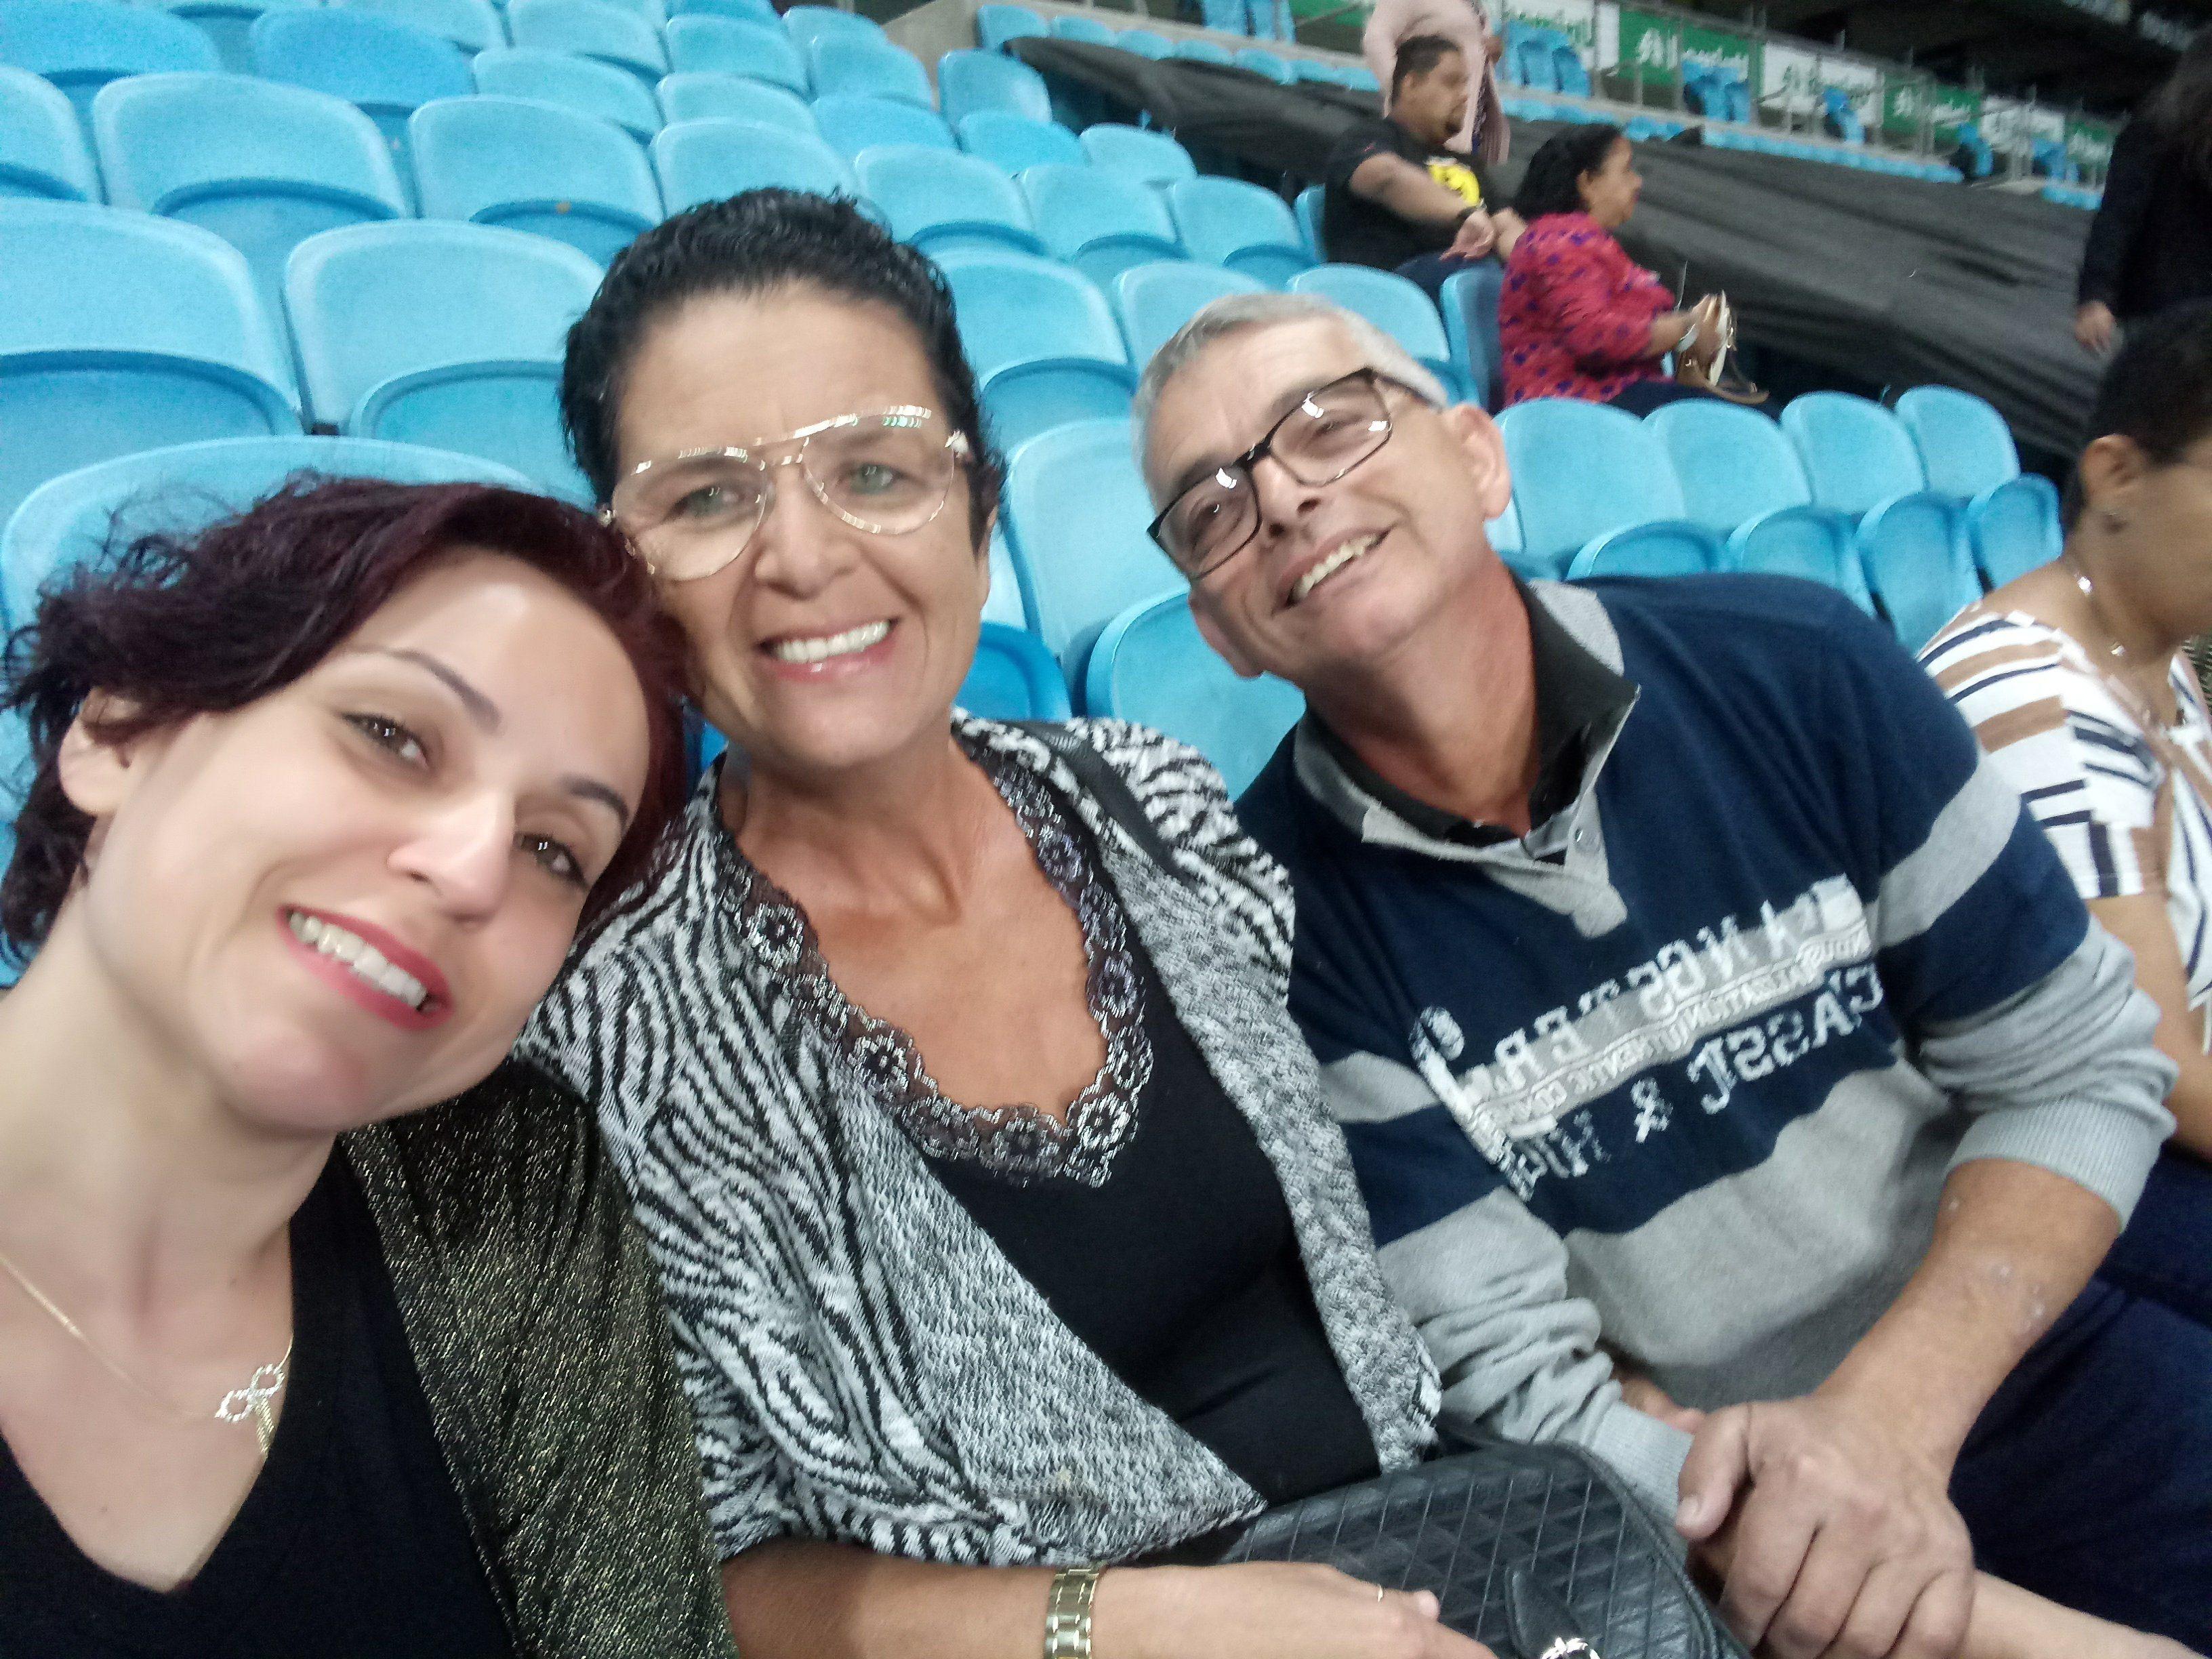 Marlete menezes da silva - Show na arena do gremio dia 8/12/2018